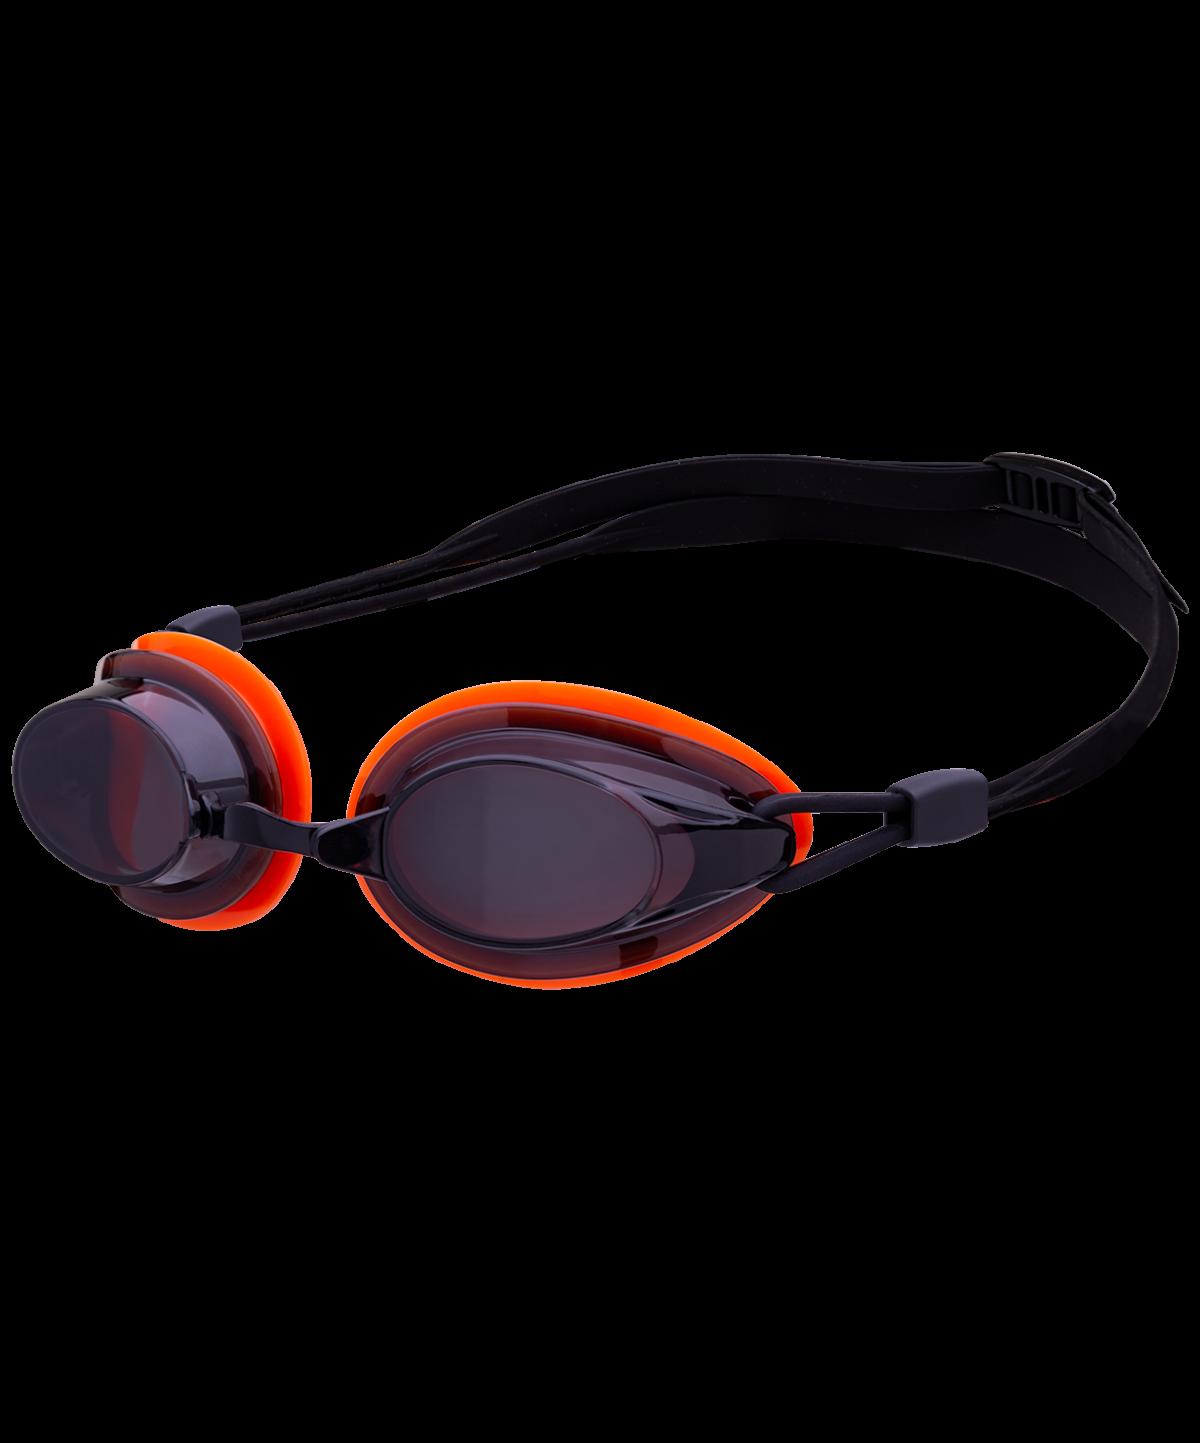 LONGSAIL Spirit Очки для плавания  L031555: черный/оранжевый - 1